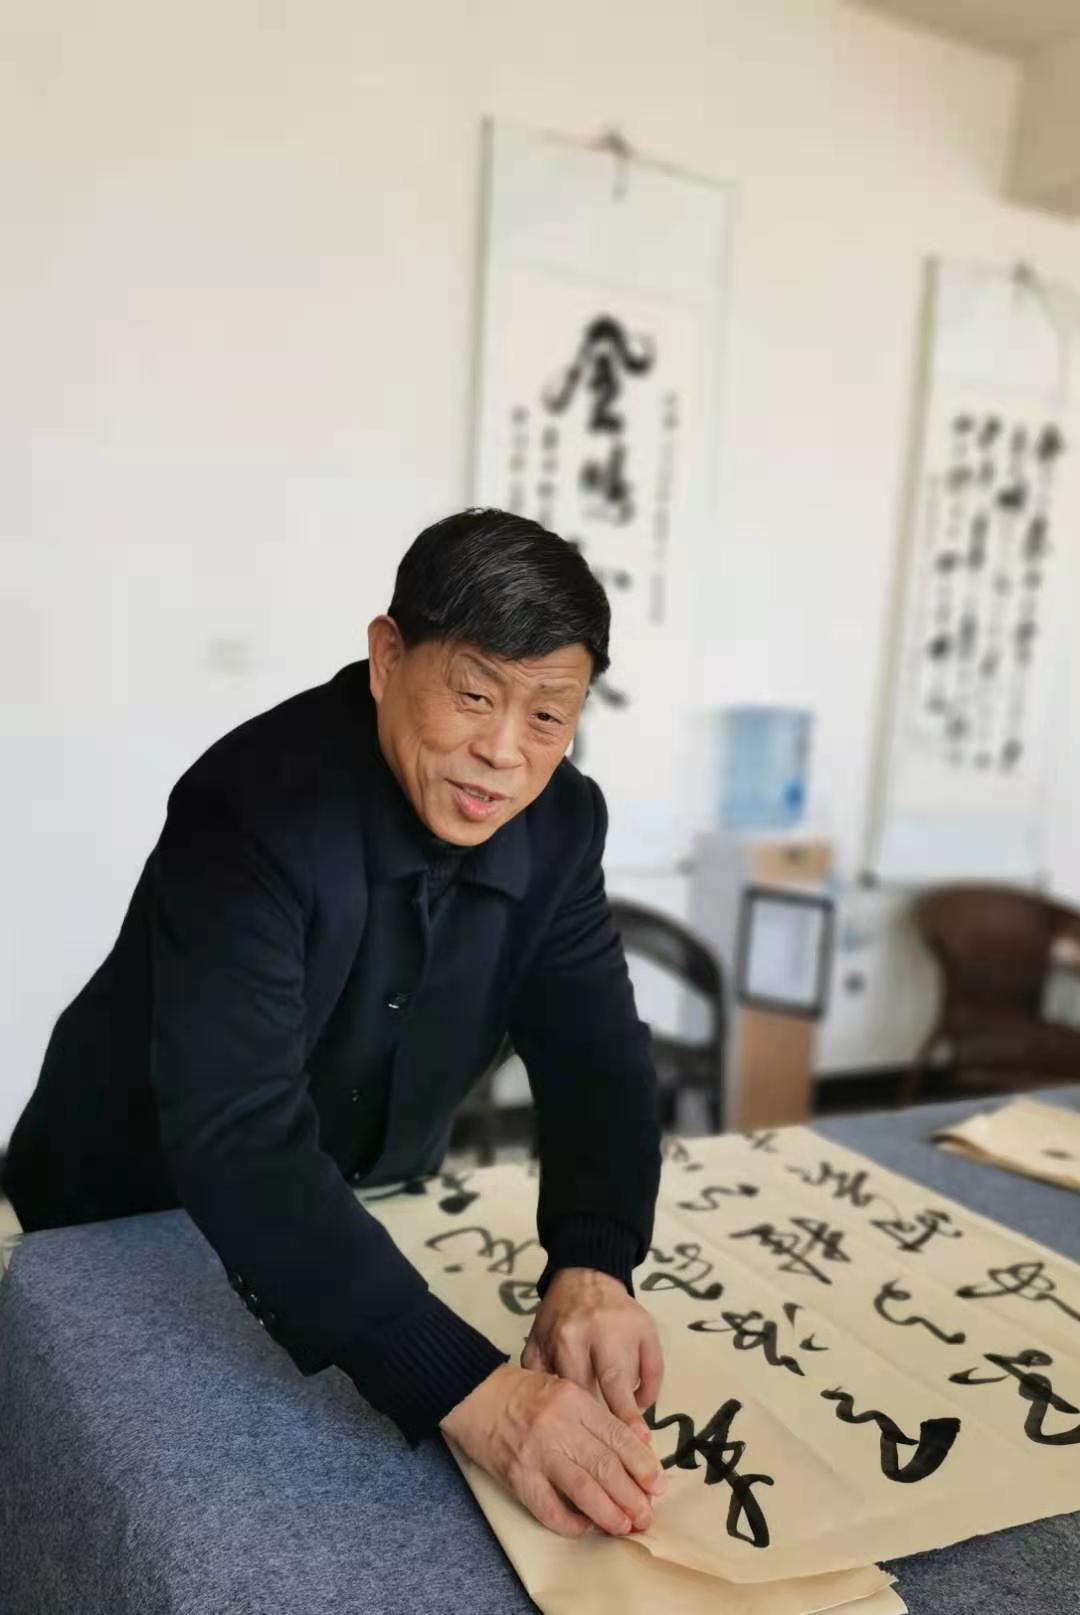 张恒成老师的篆刻艺术(作者:陈志宏)